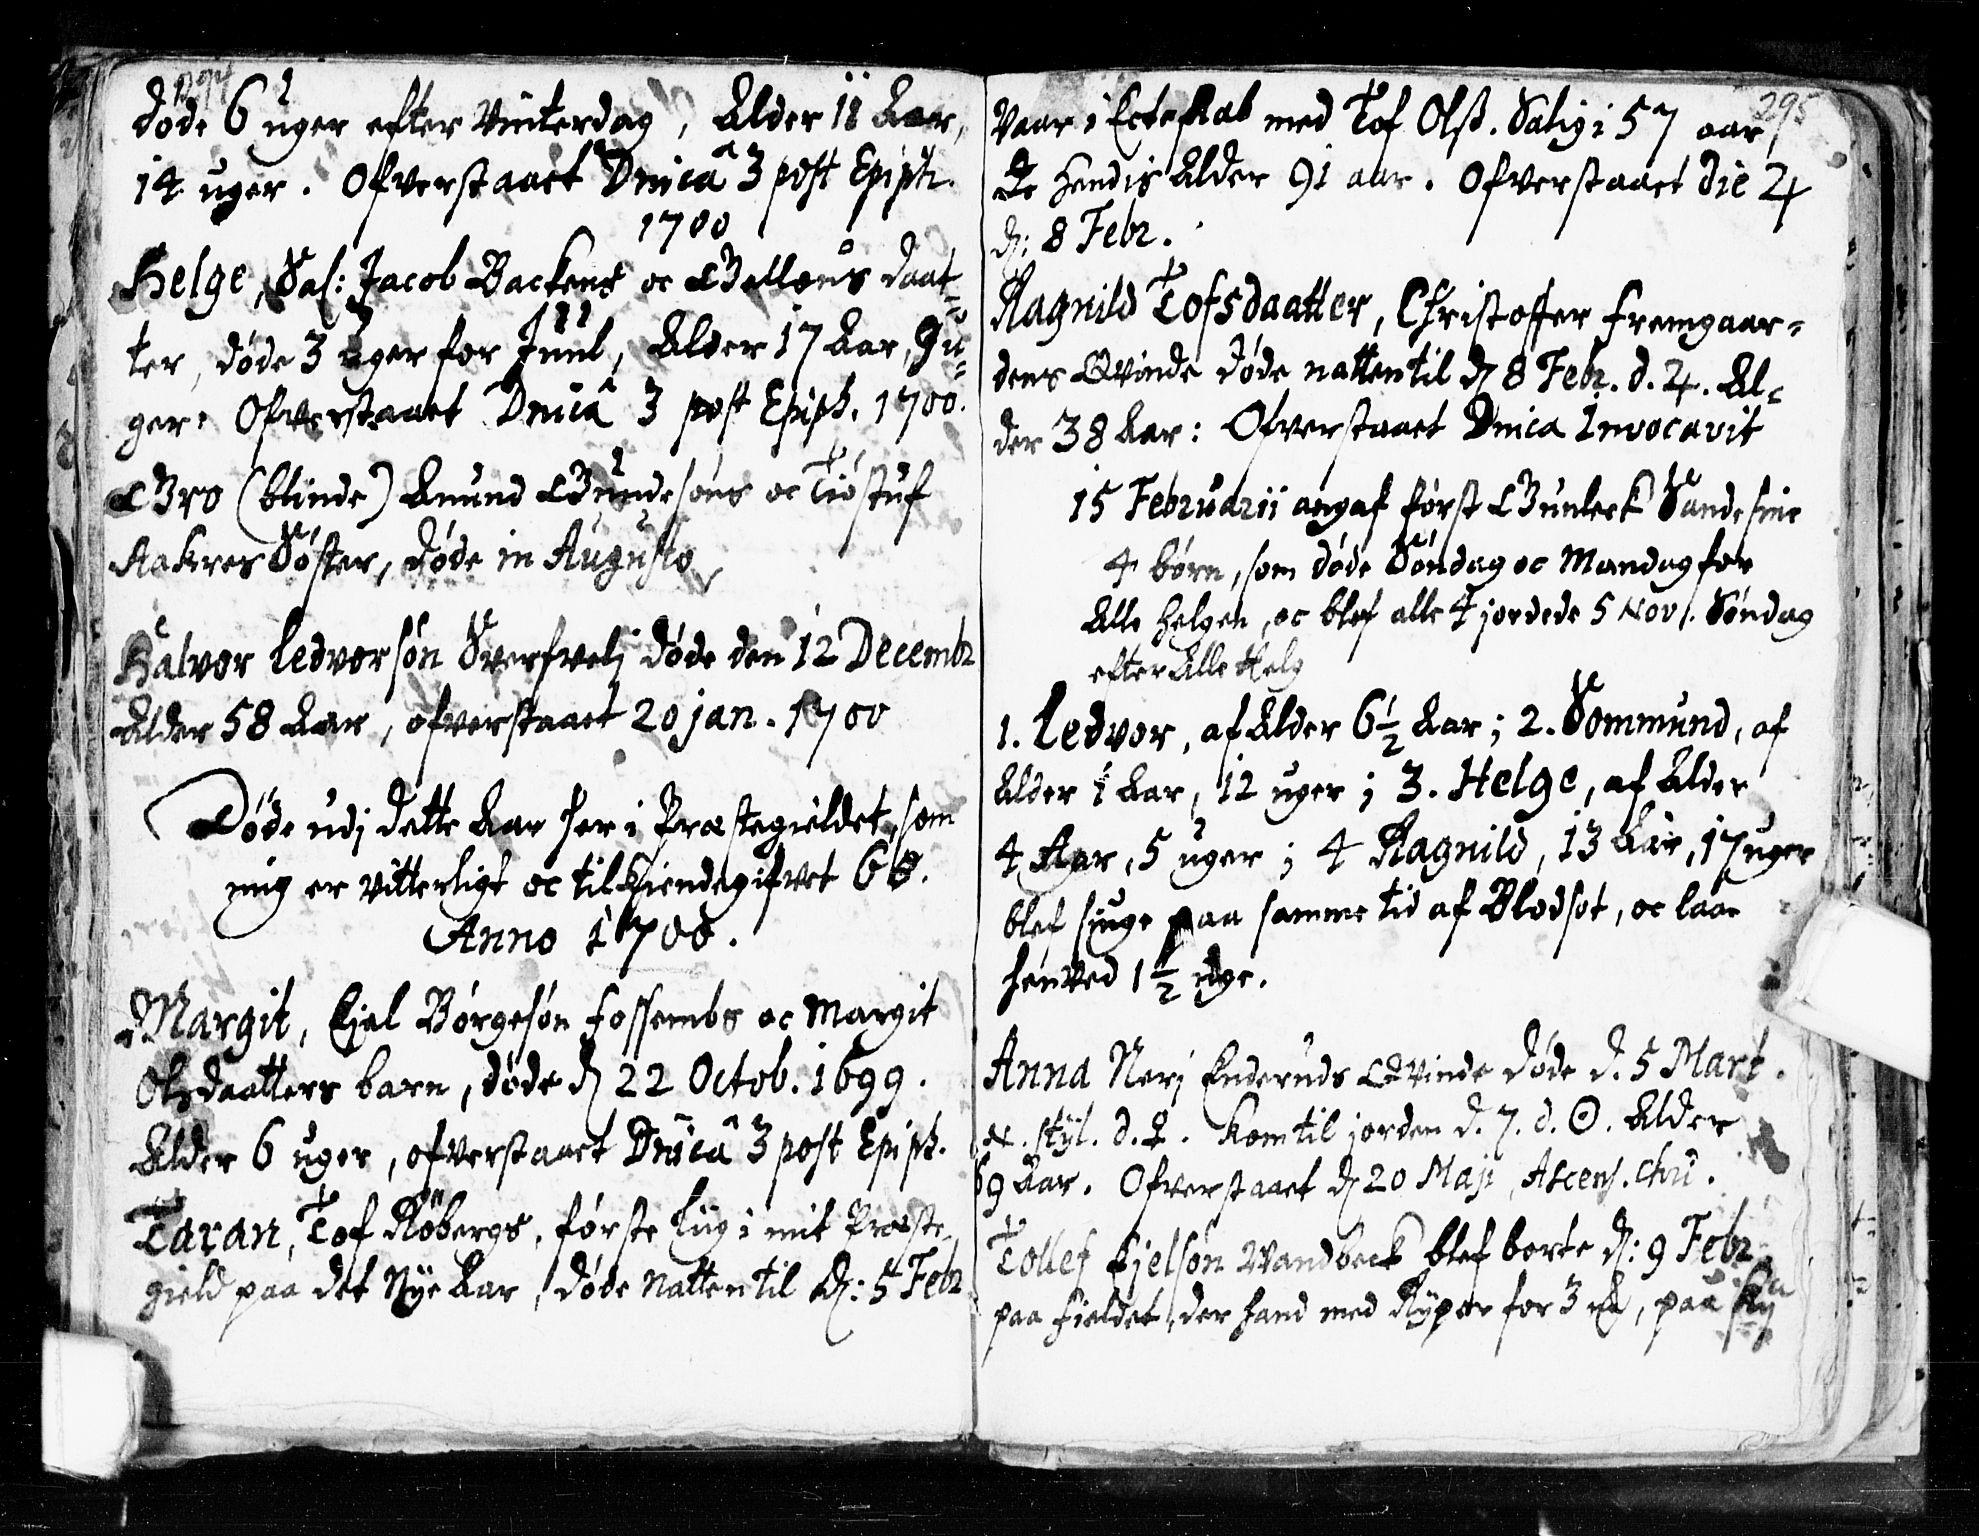 SAKO, Seljord kirkebøker, F/Fa/L0002: Ministerialbok nr. I 2, 1689-1713, s. 294-295